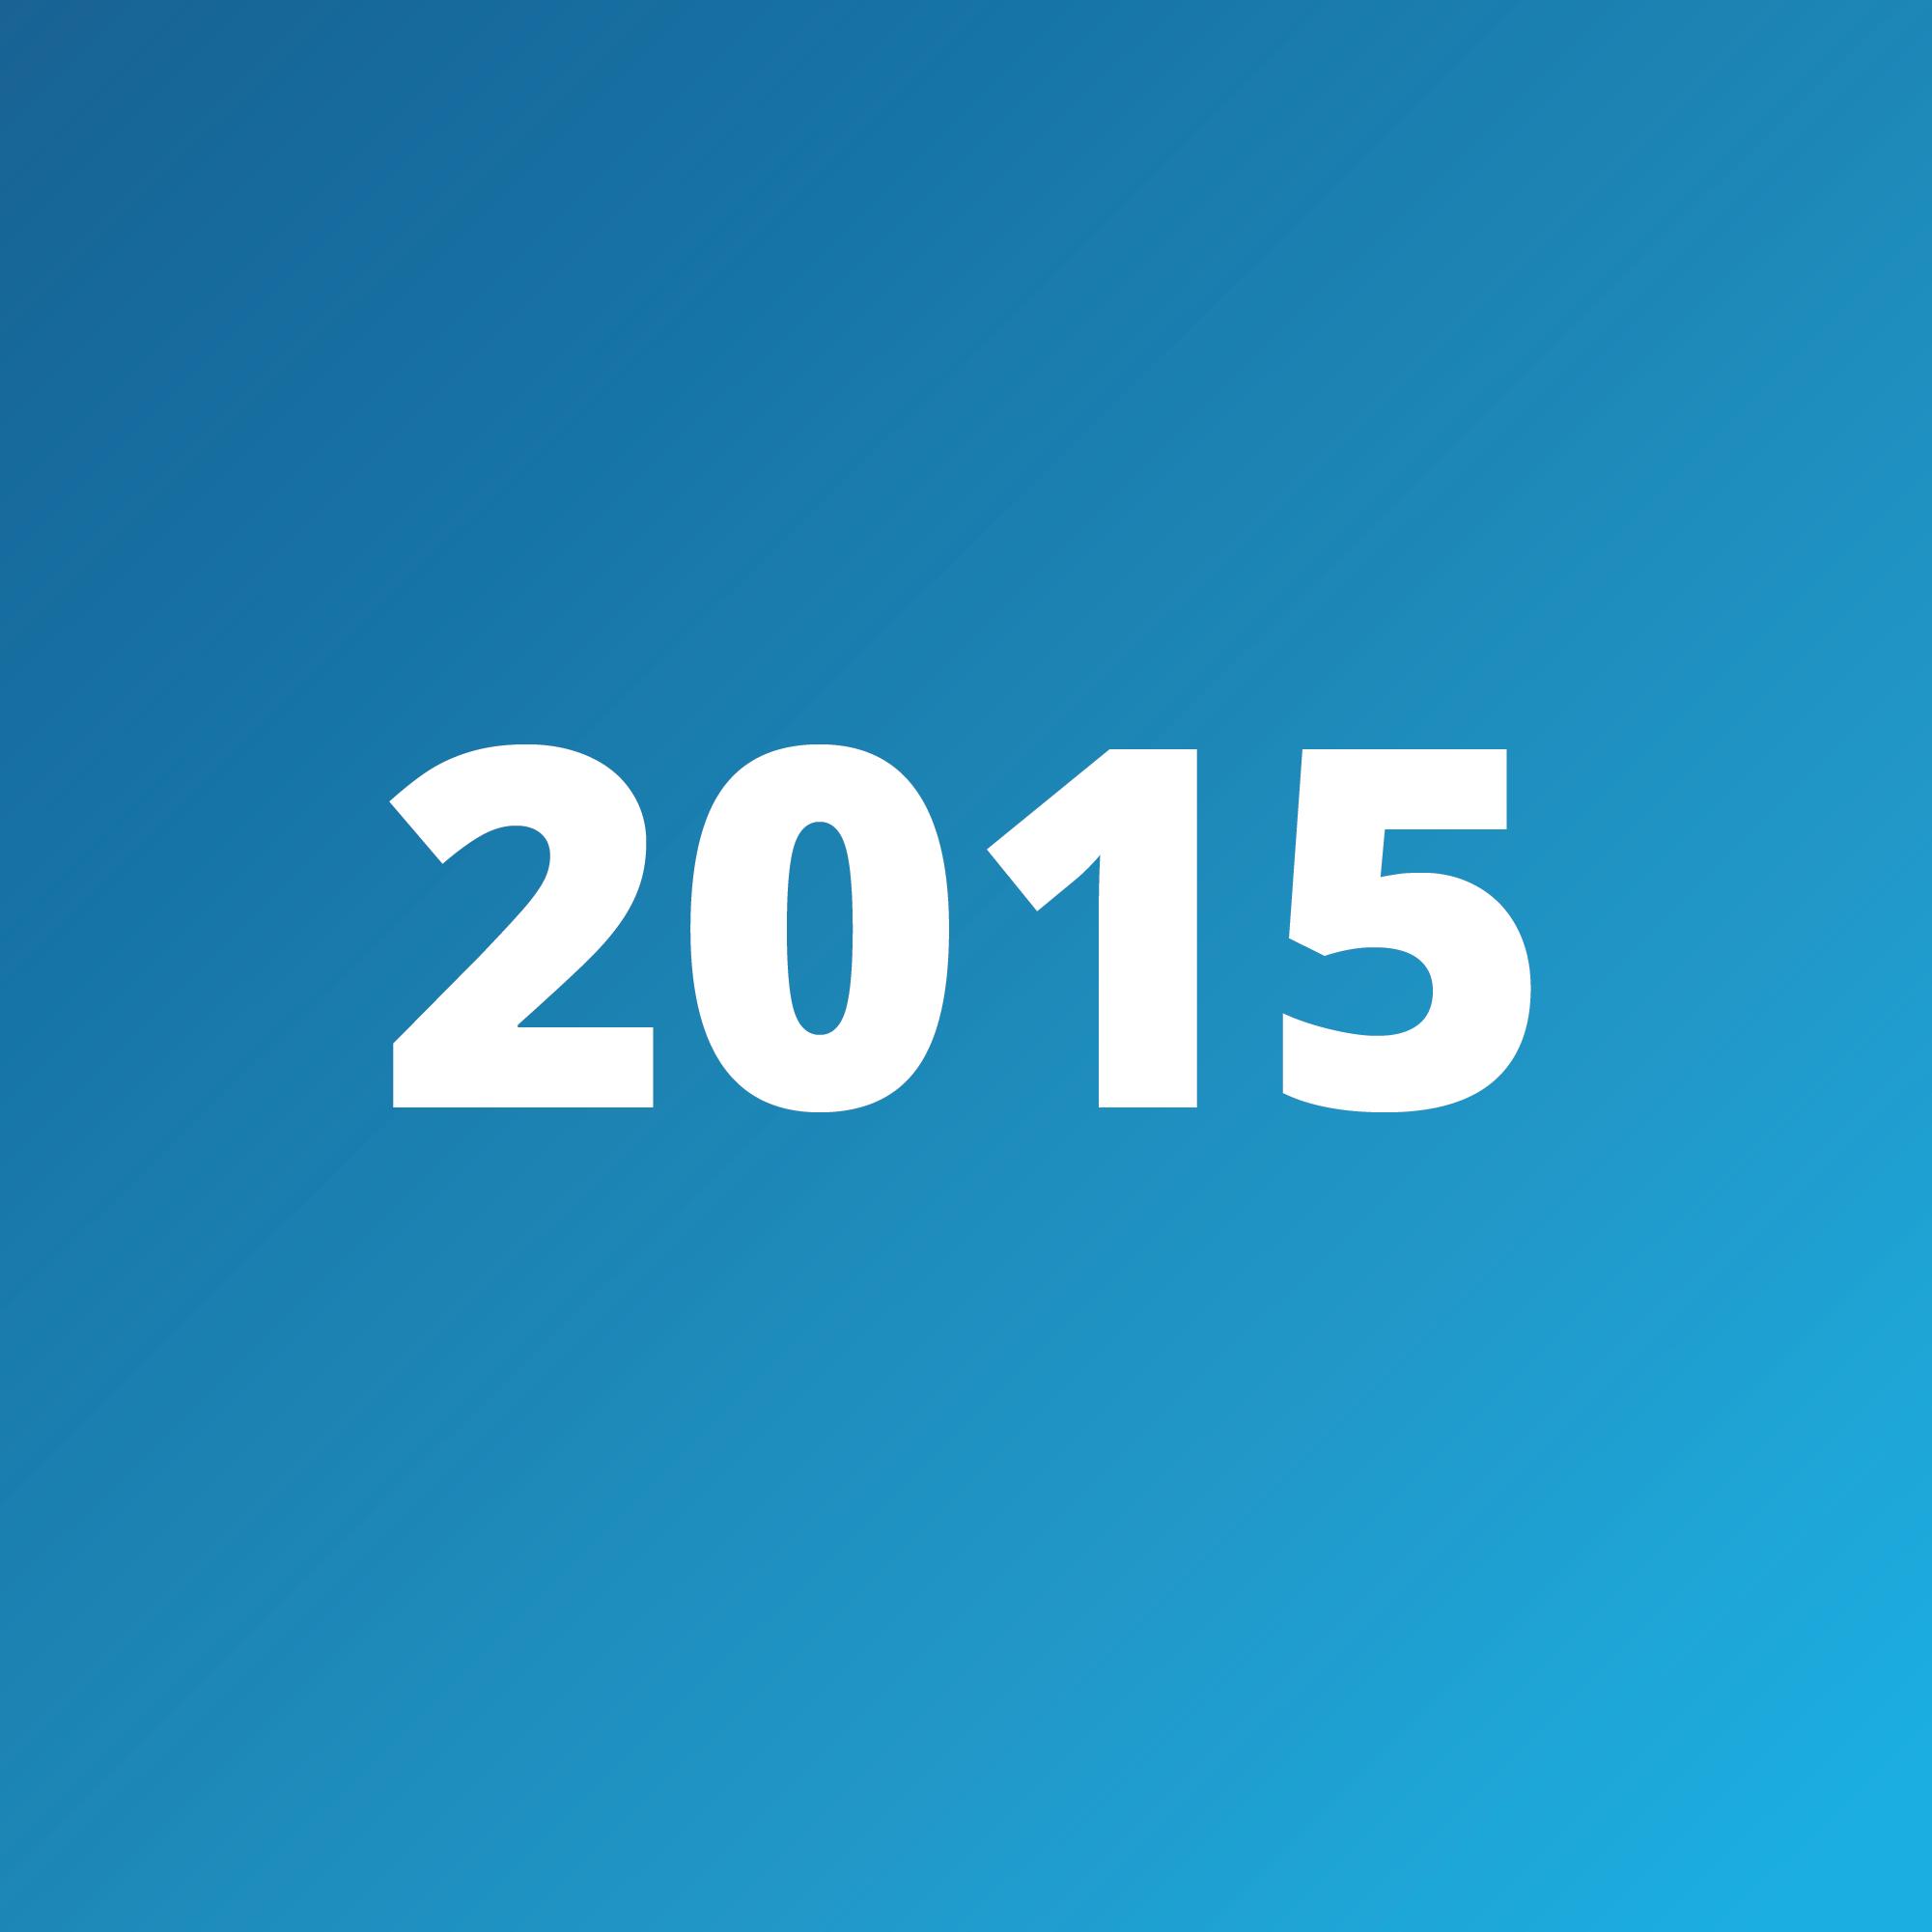 Timeline - 2015